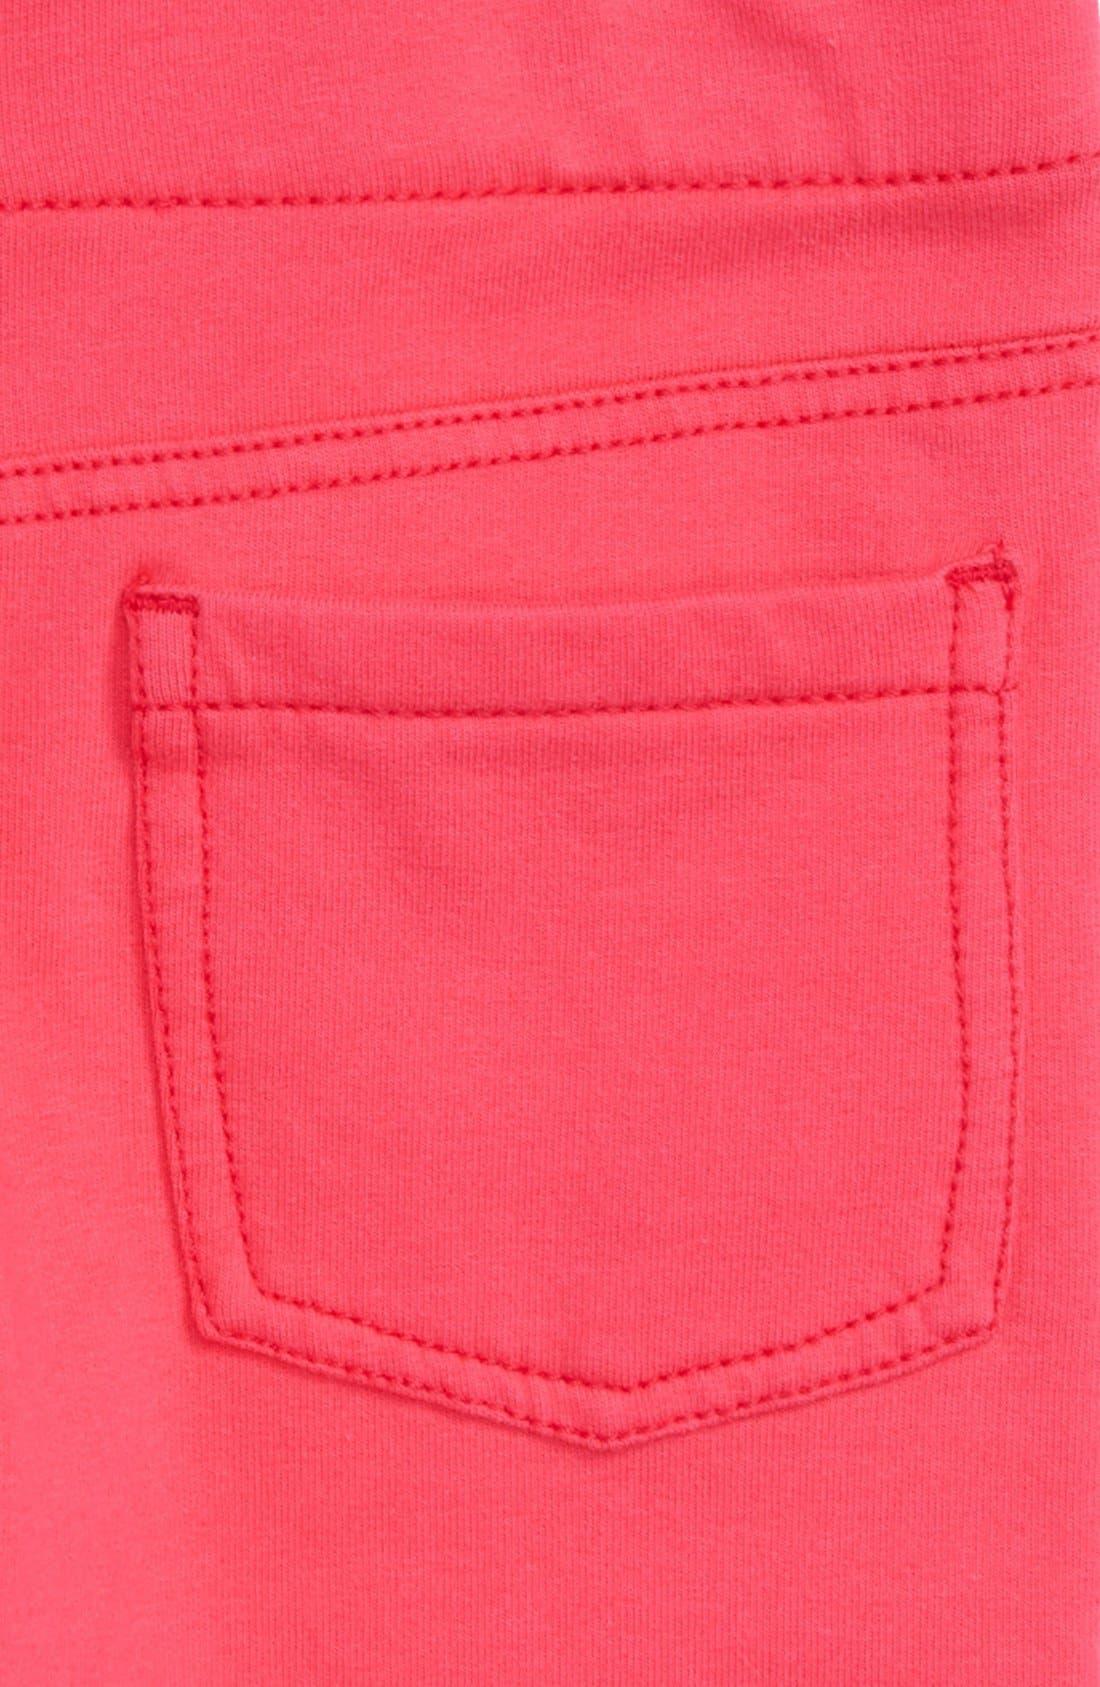 'Jenna' Jegging Shorts,                             Alternate thumbnail 18, color,